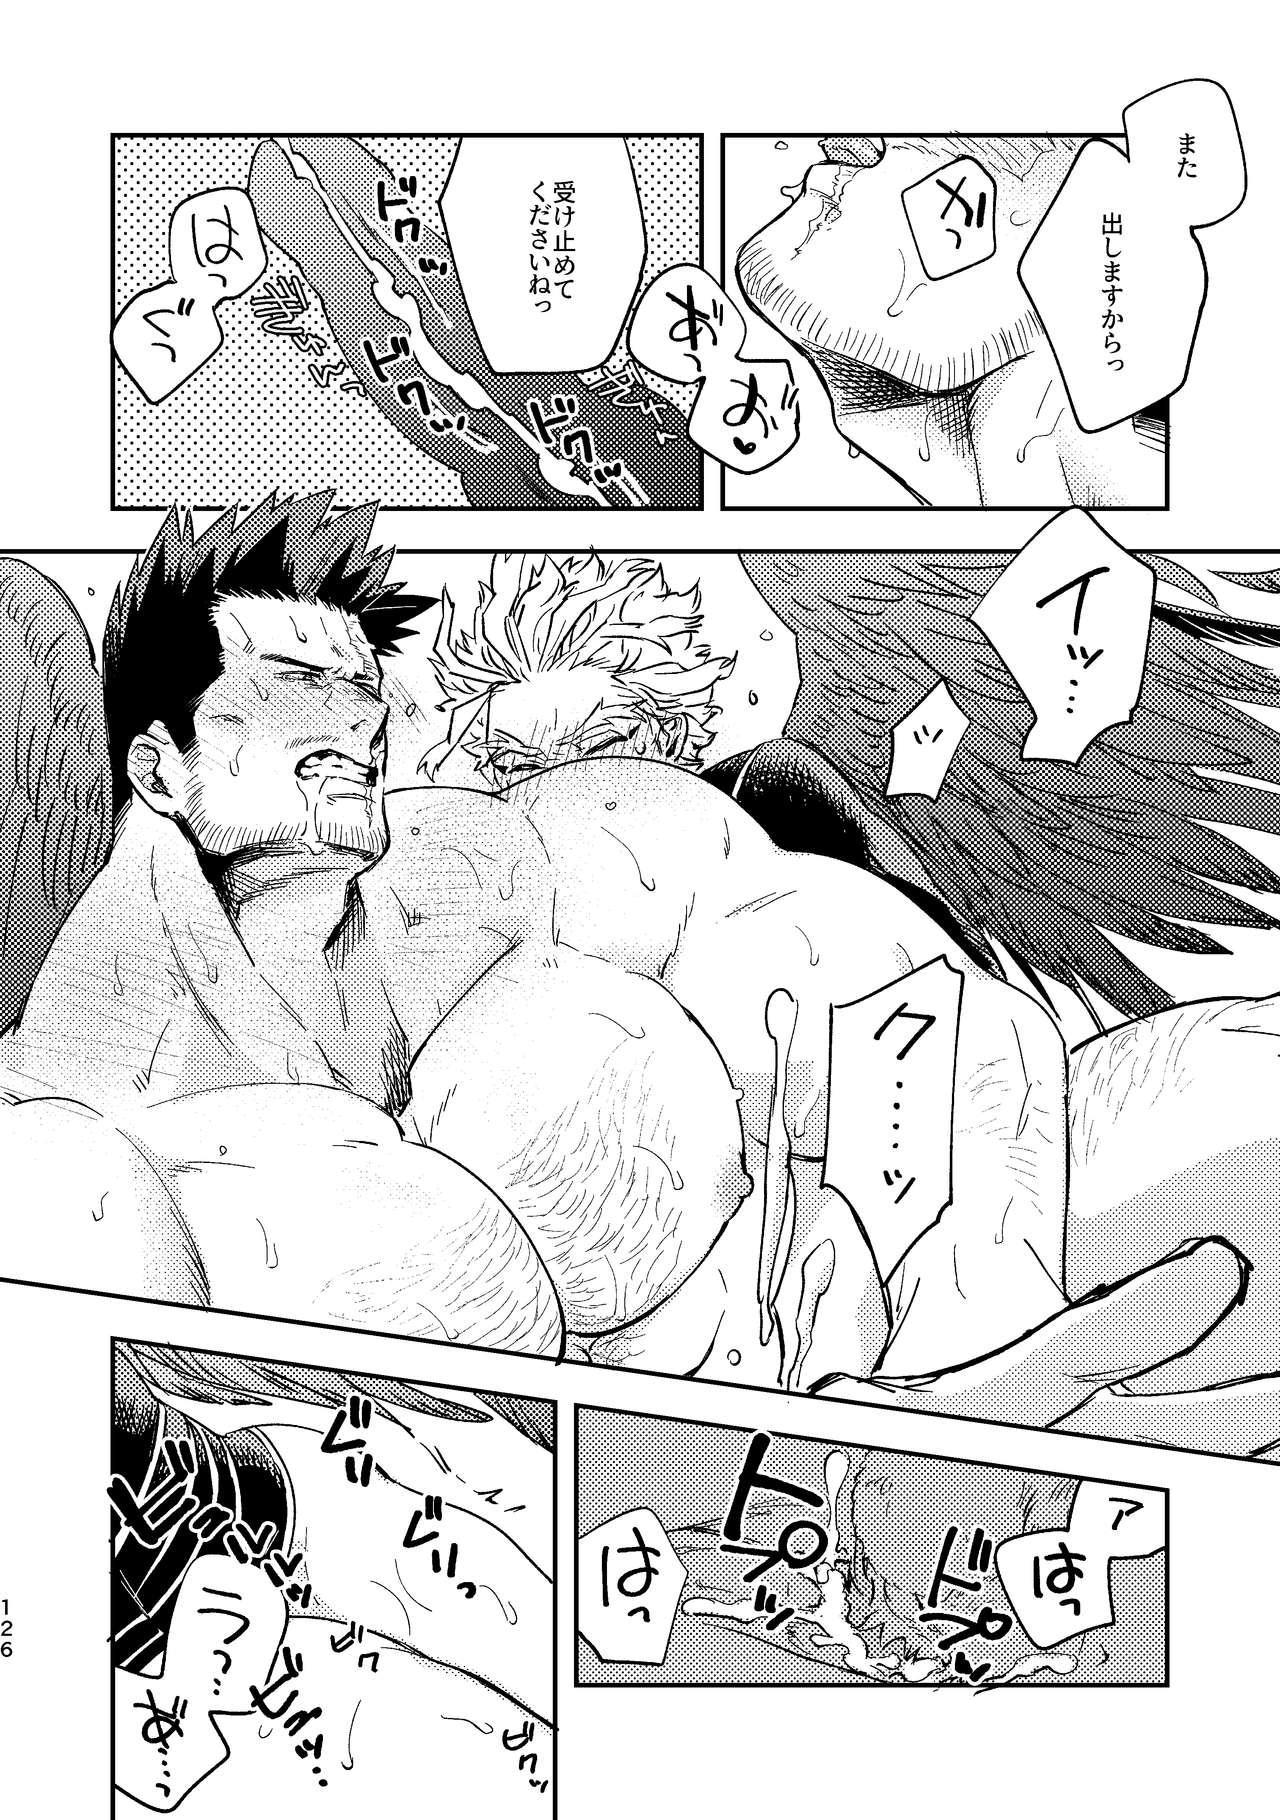 WEB Sairoku Zumi HawEn Manga ga Kami demo Yomeru Hon. 125